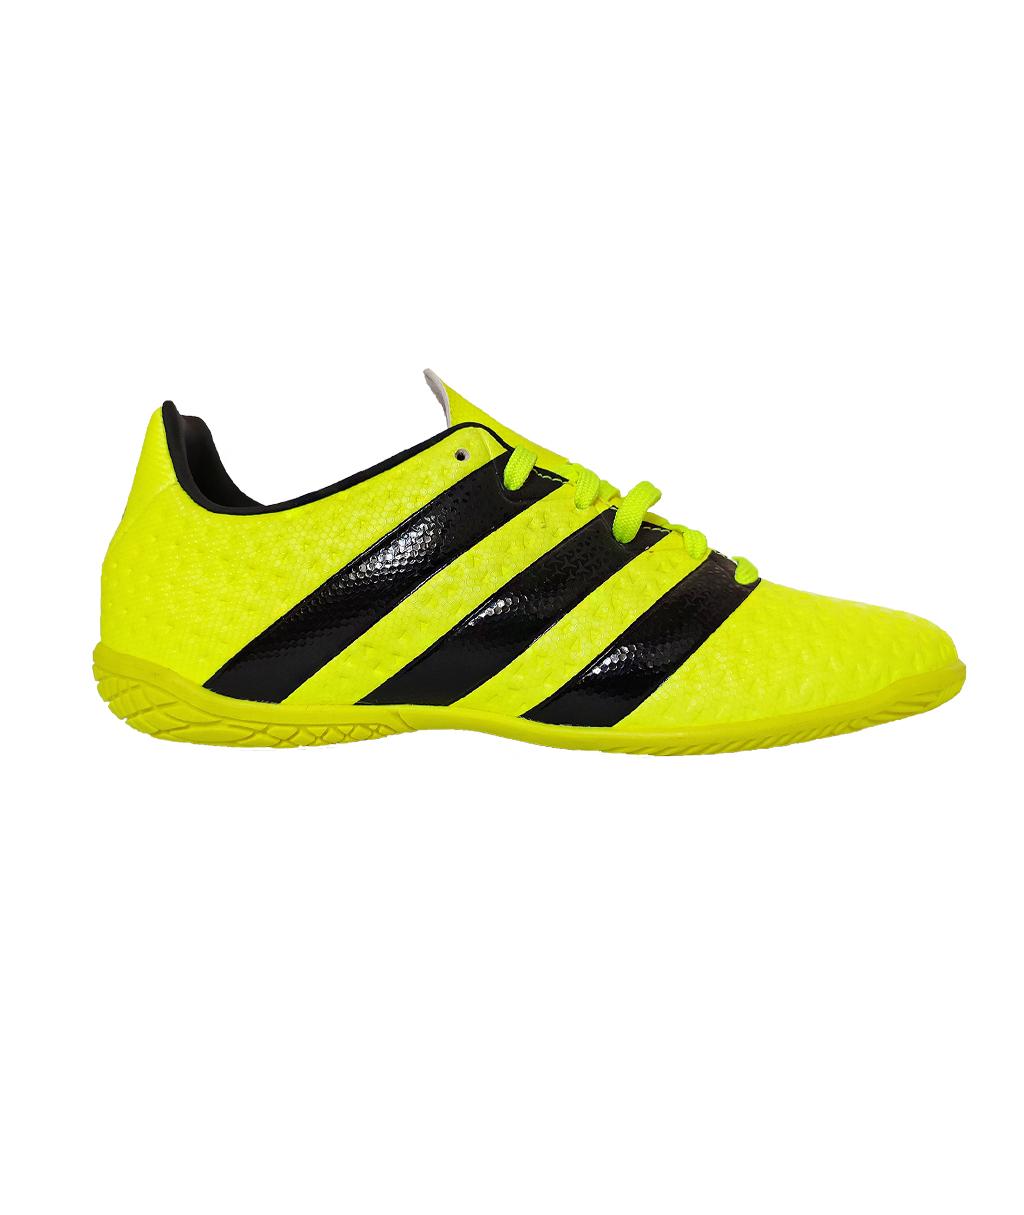 Купить Детские футзалки Adidas ACE 16.4 IN BA8608